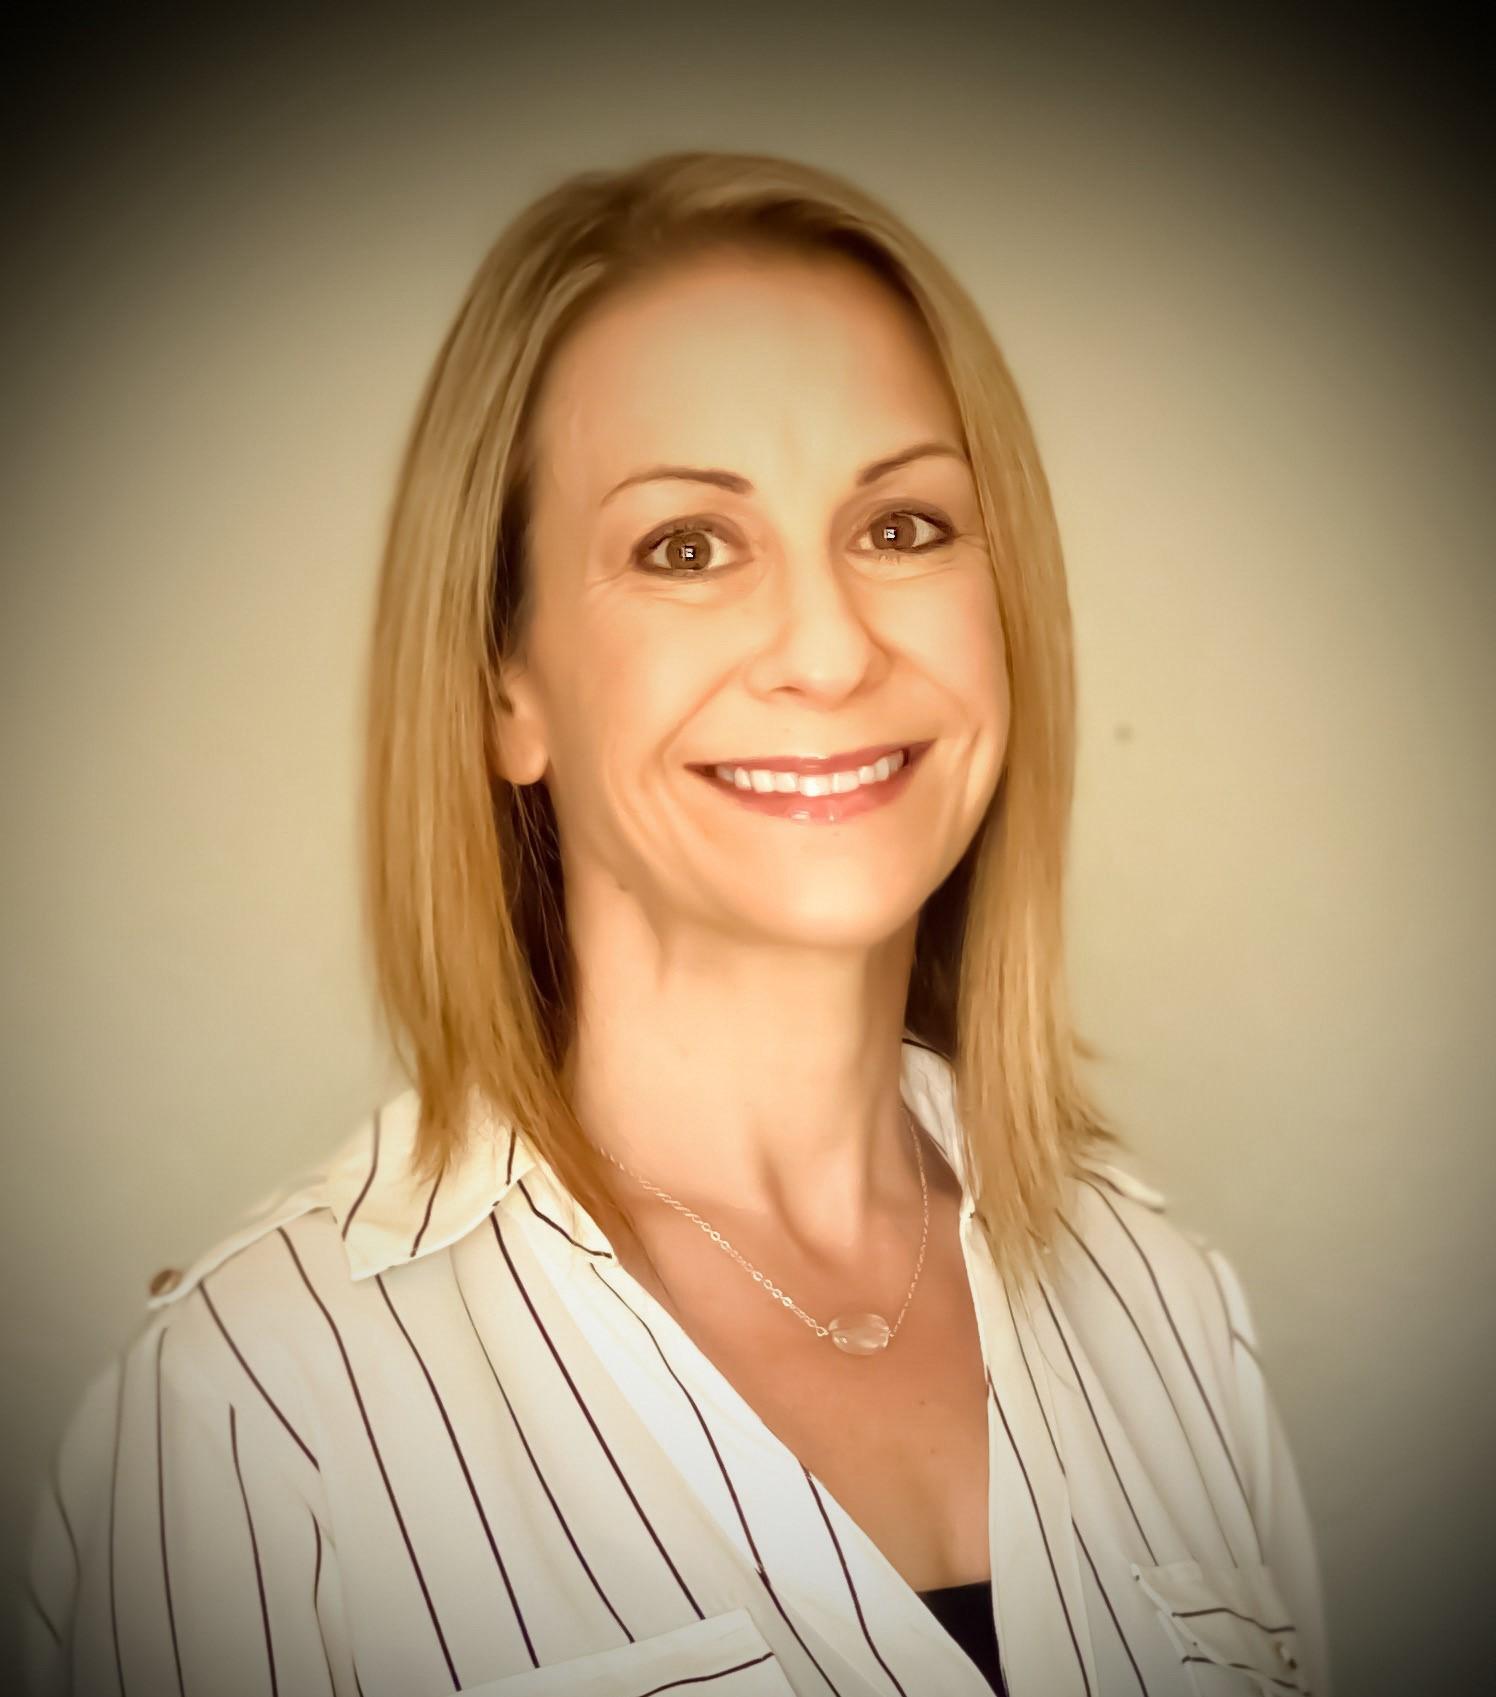 Jill Petrizzi